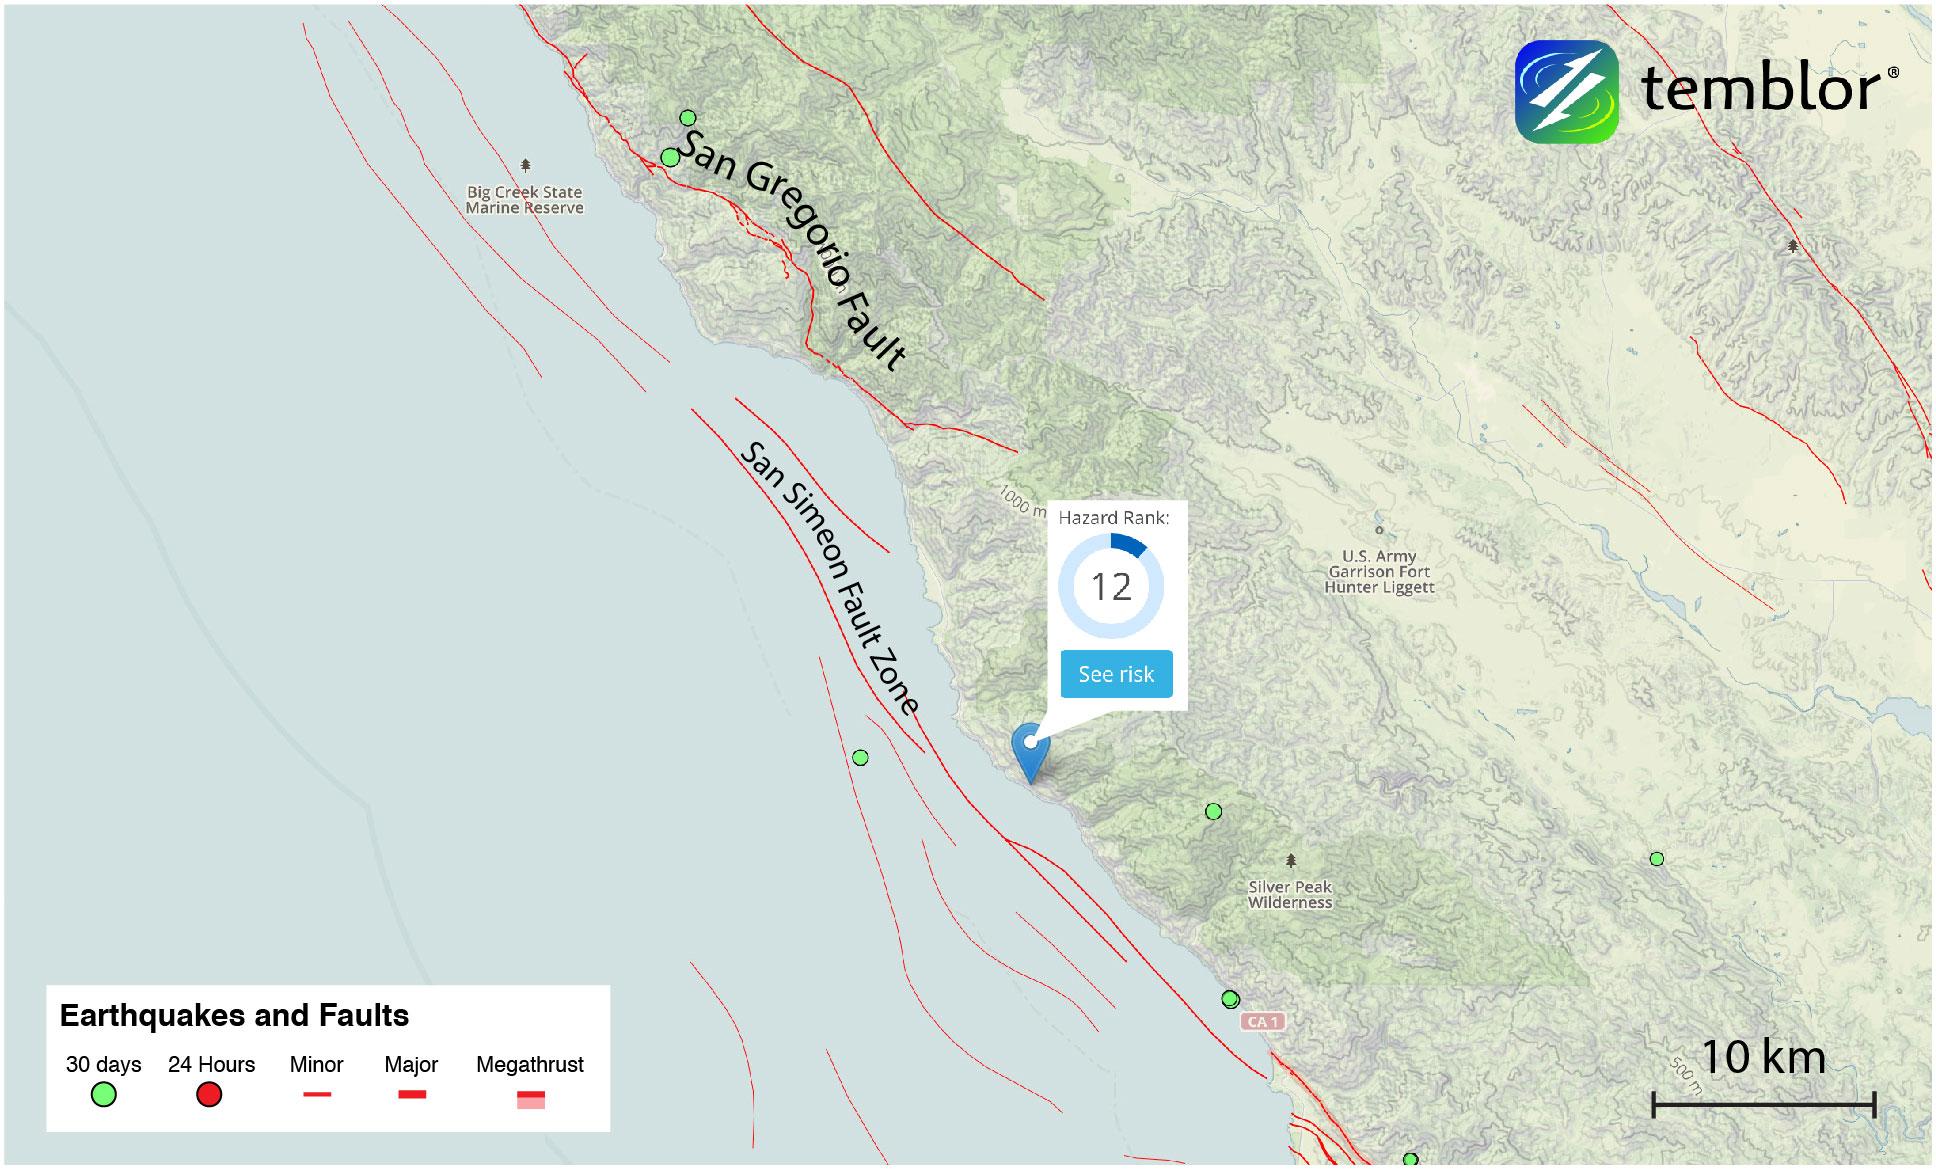 San-gregorio-fault-map